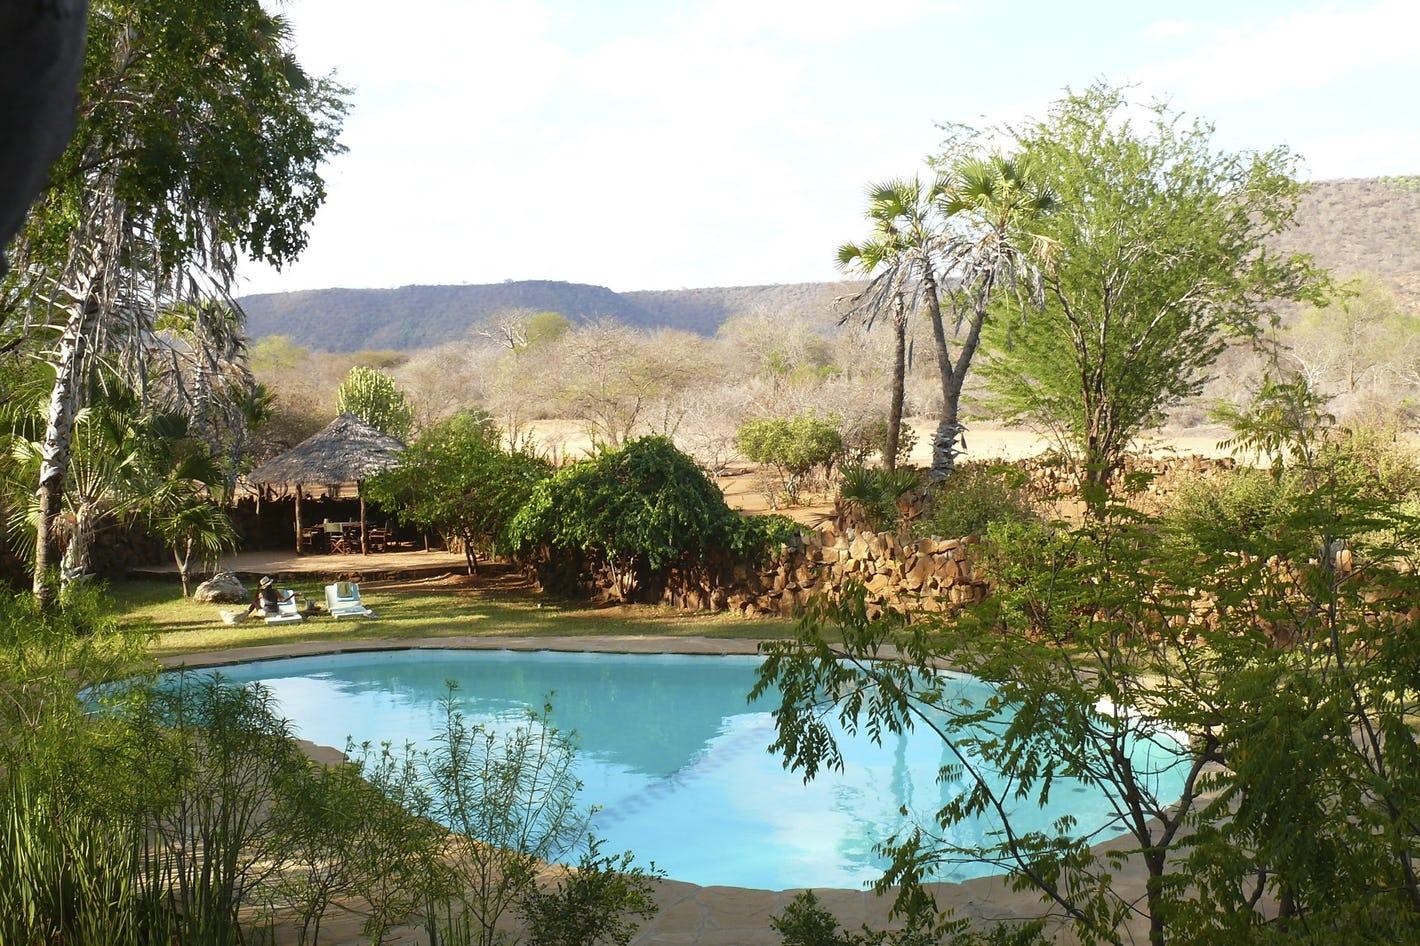 Kipalo hills Safari Camp